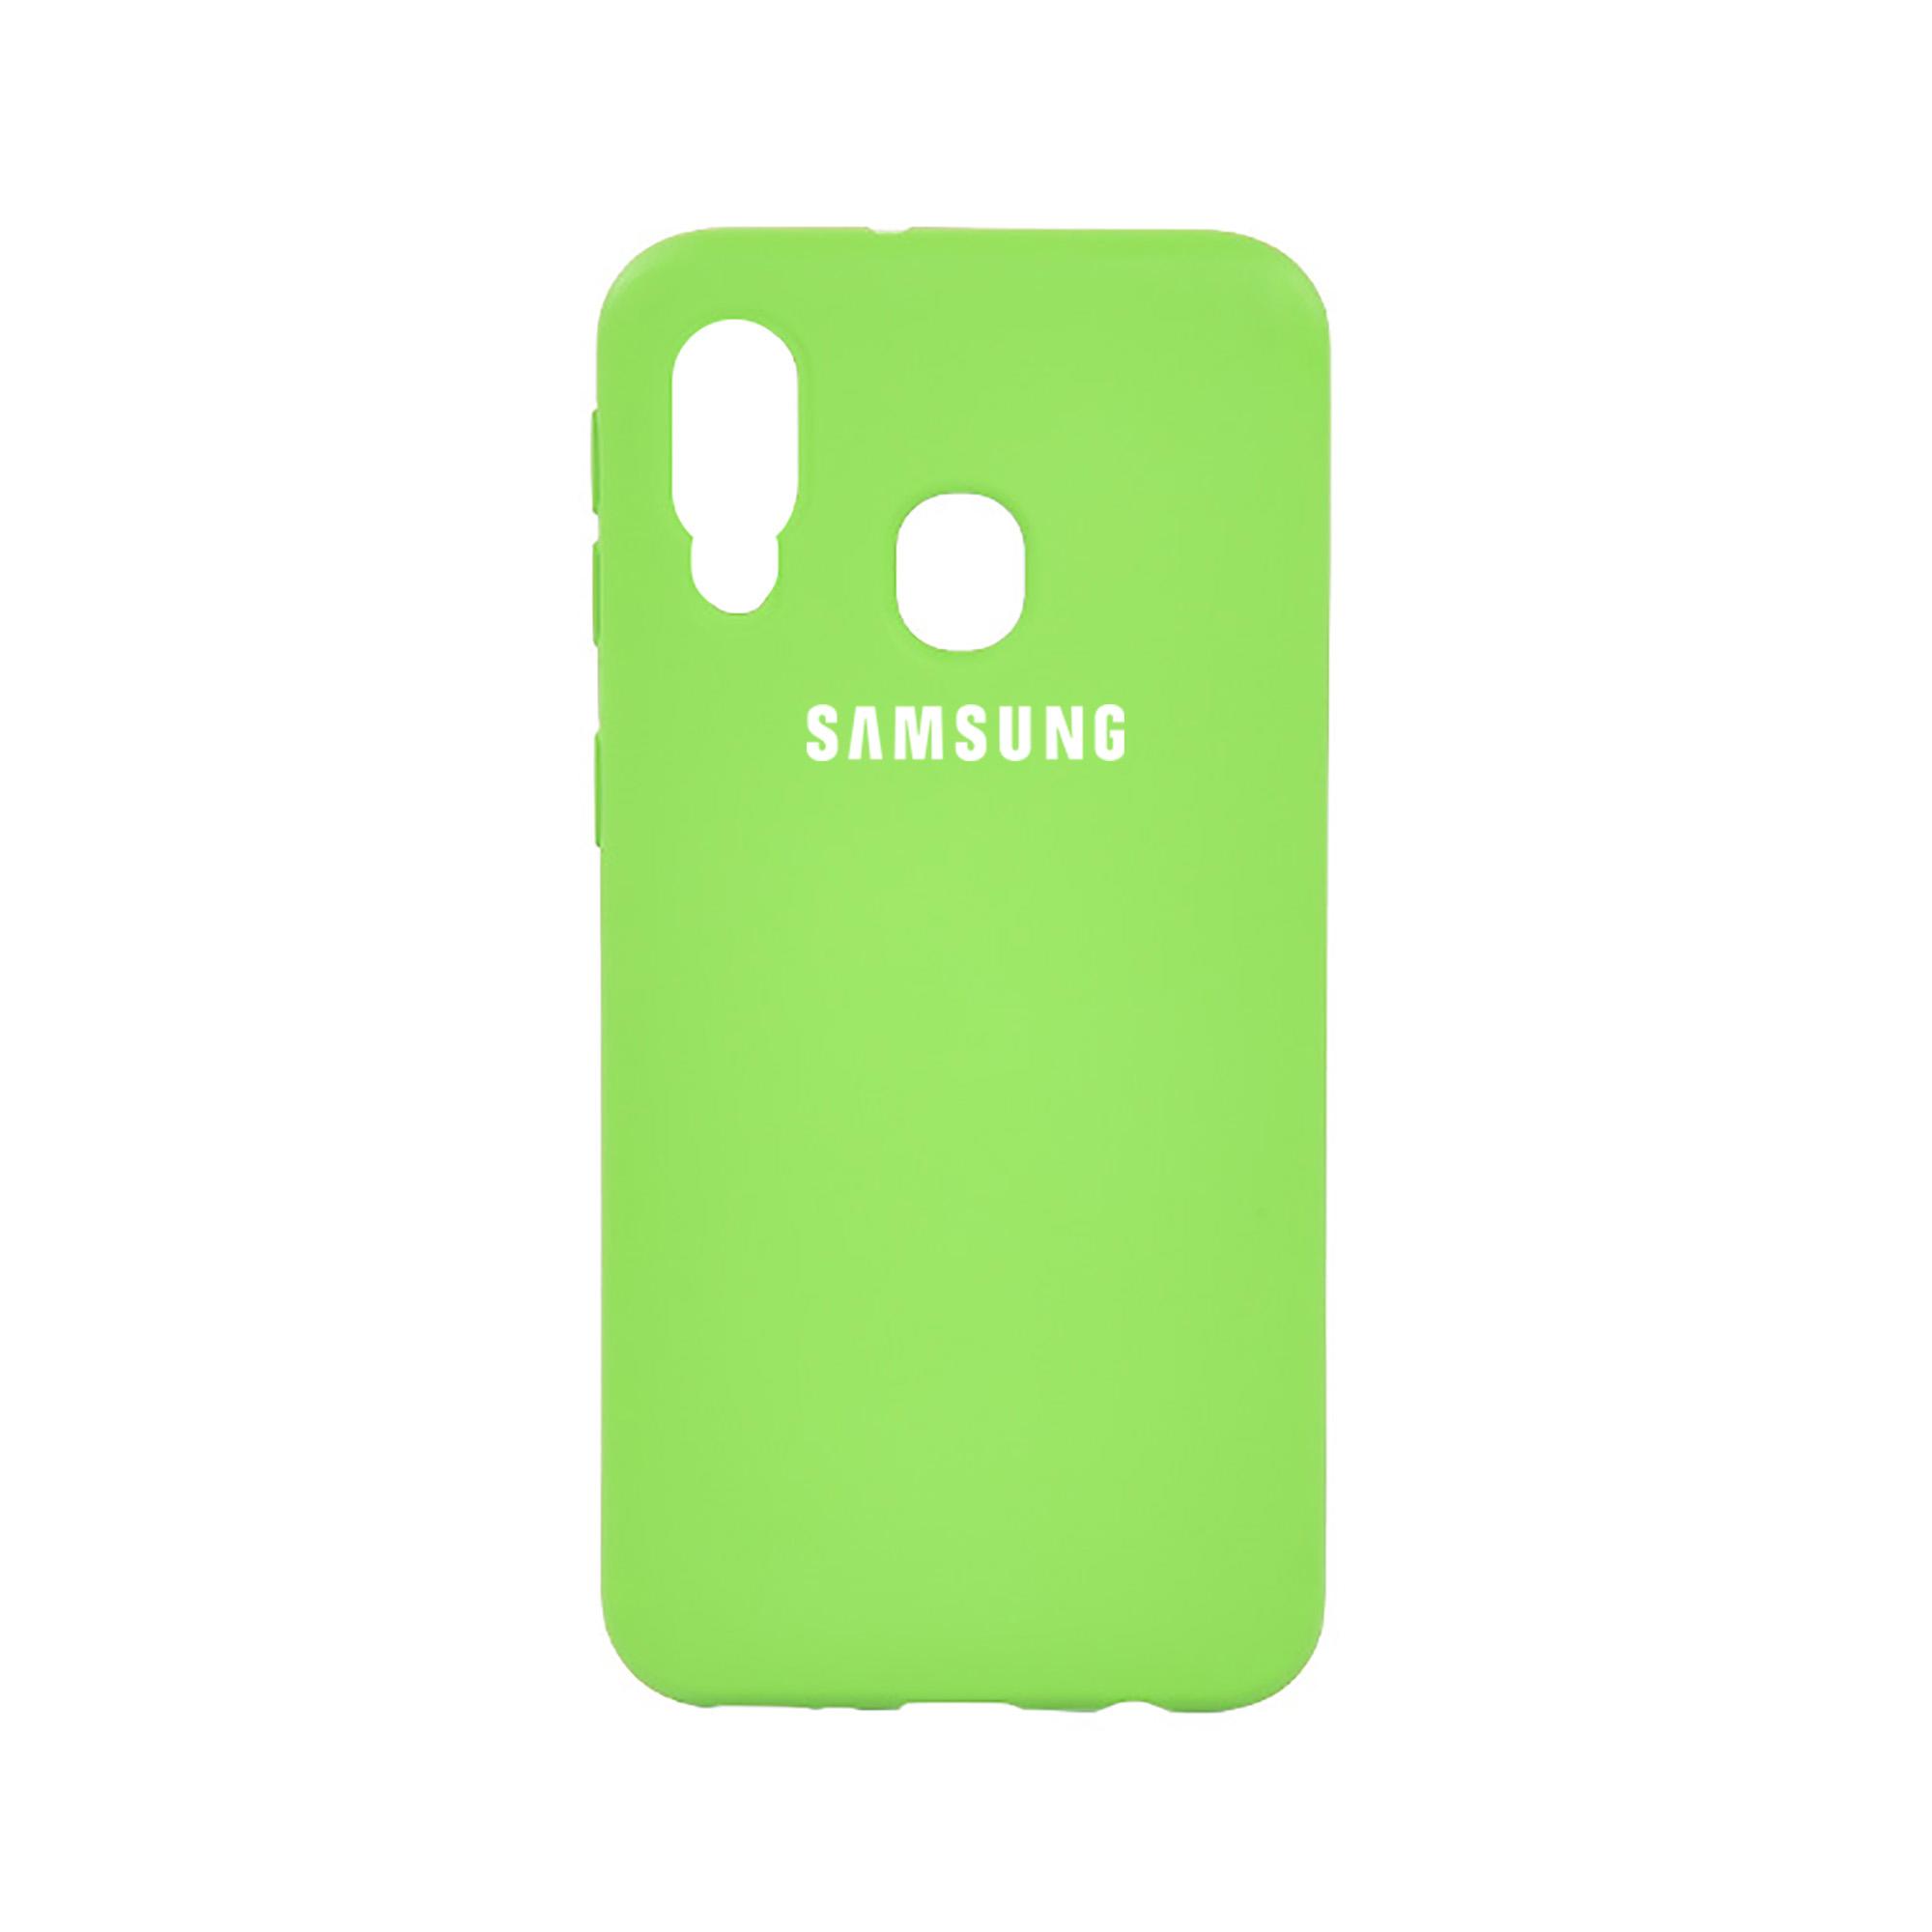 کاور مدل Silc مناسب برای گوشی موبایل سامسونگ Galaxy A40              ( قیمت و خرید)